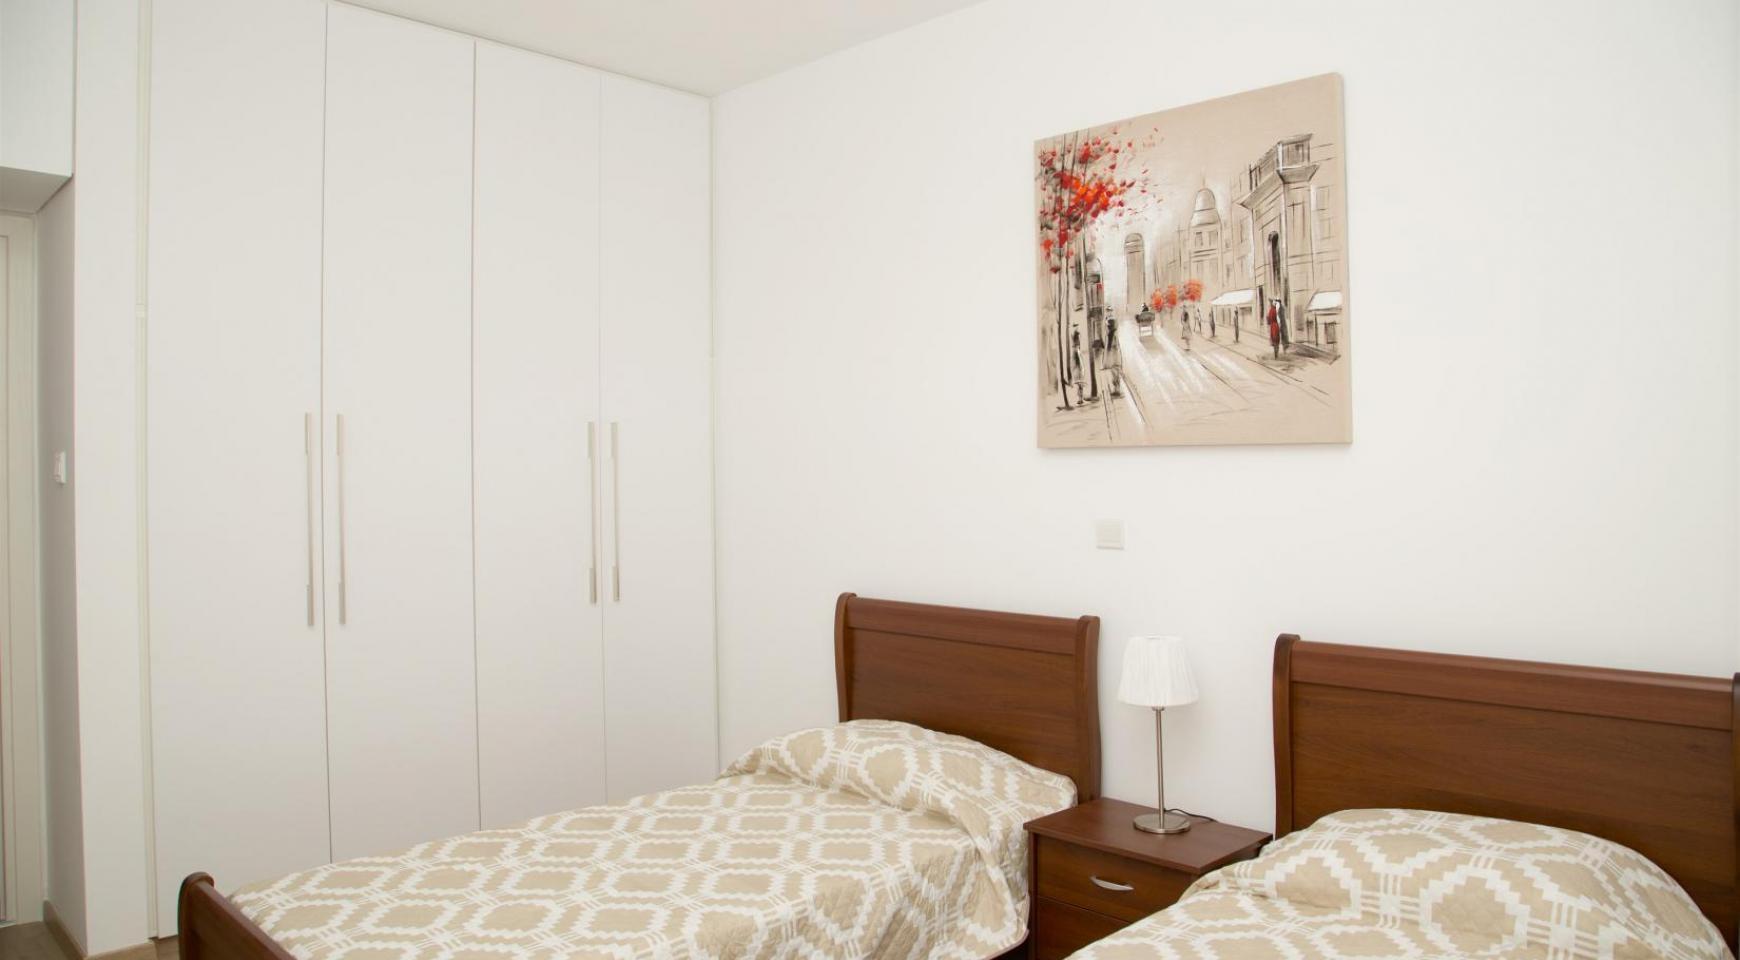 Полностью Отремонтированная 3-Спальная Квартира Класса Люкс на Первой Линии от Моря - 19